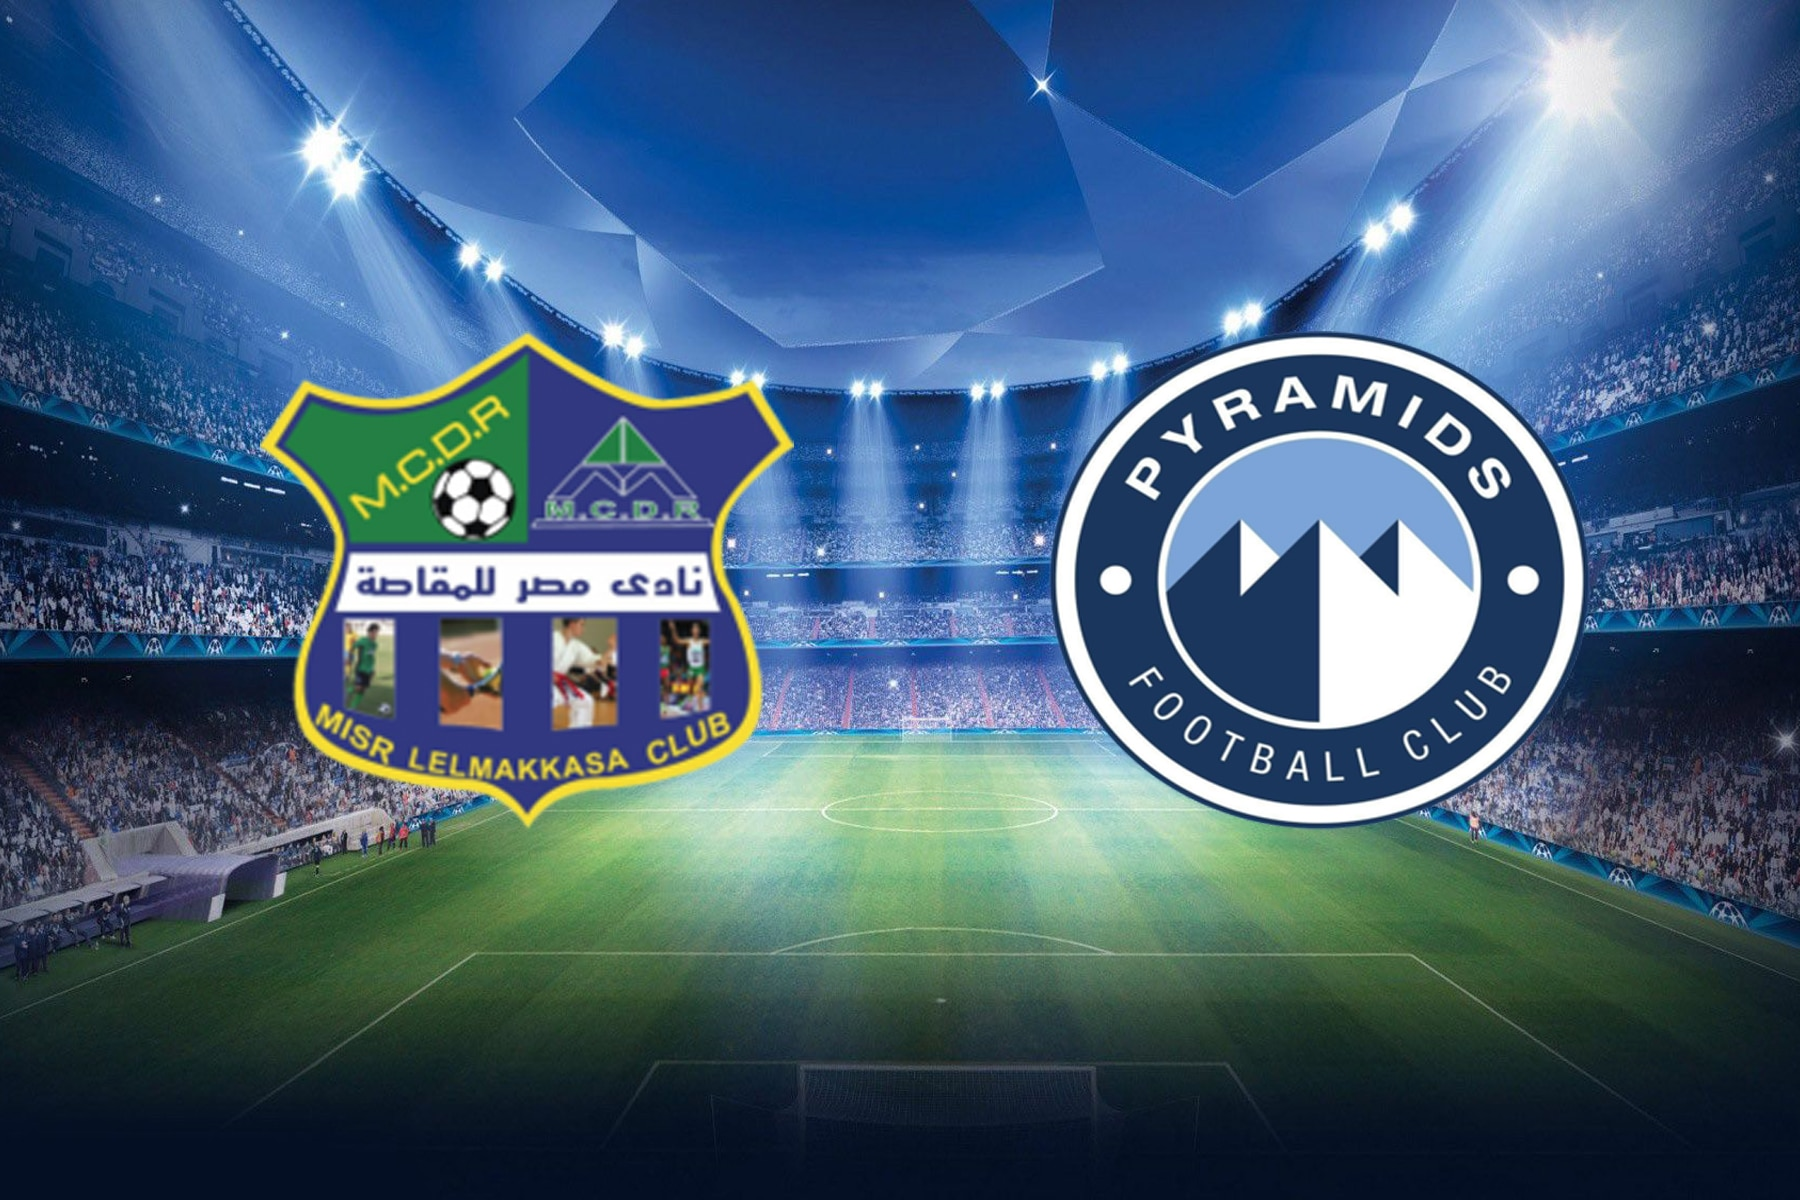 تعرف على موعد مباراة بيراميدز ومصر المقاصة في الدوري المصري والقنوات الناقلة